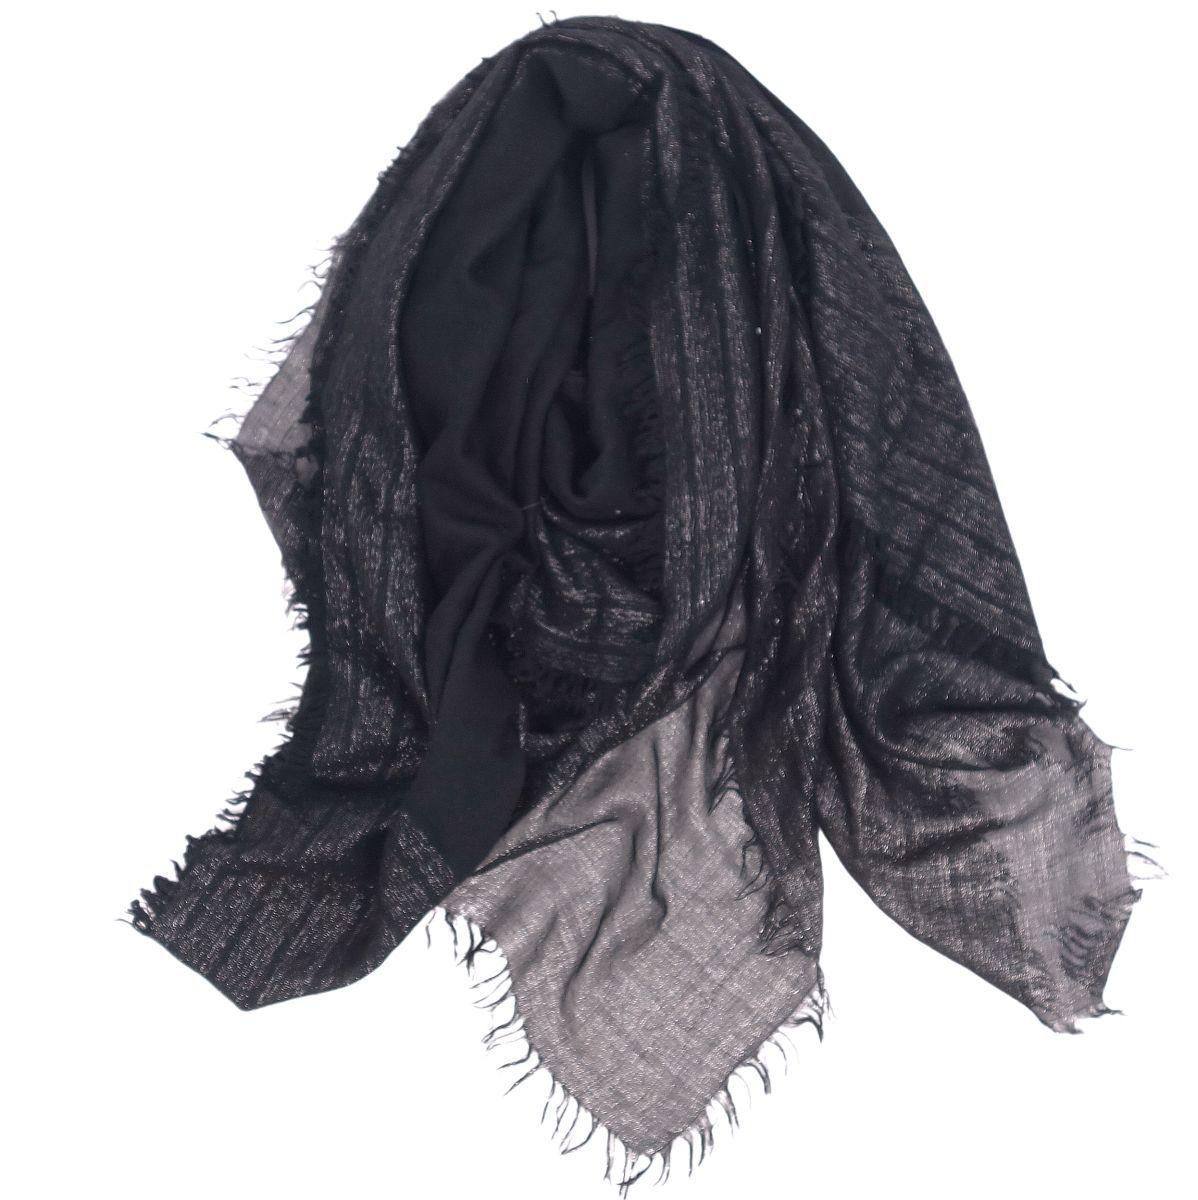 Salvatore Ferragamo Gancio Large Stole Fringe Shawl Ladies Black